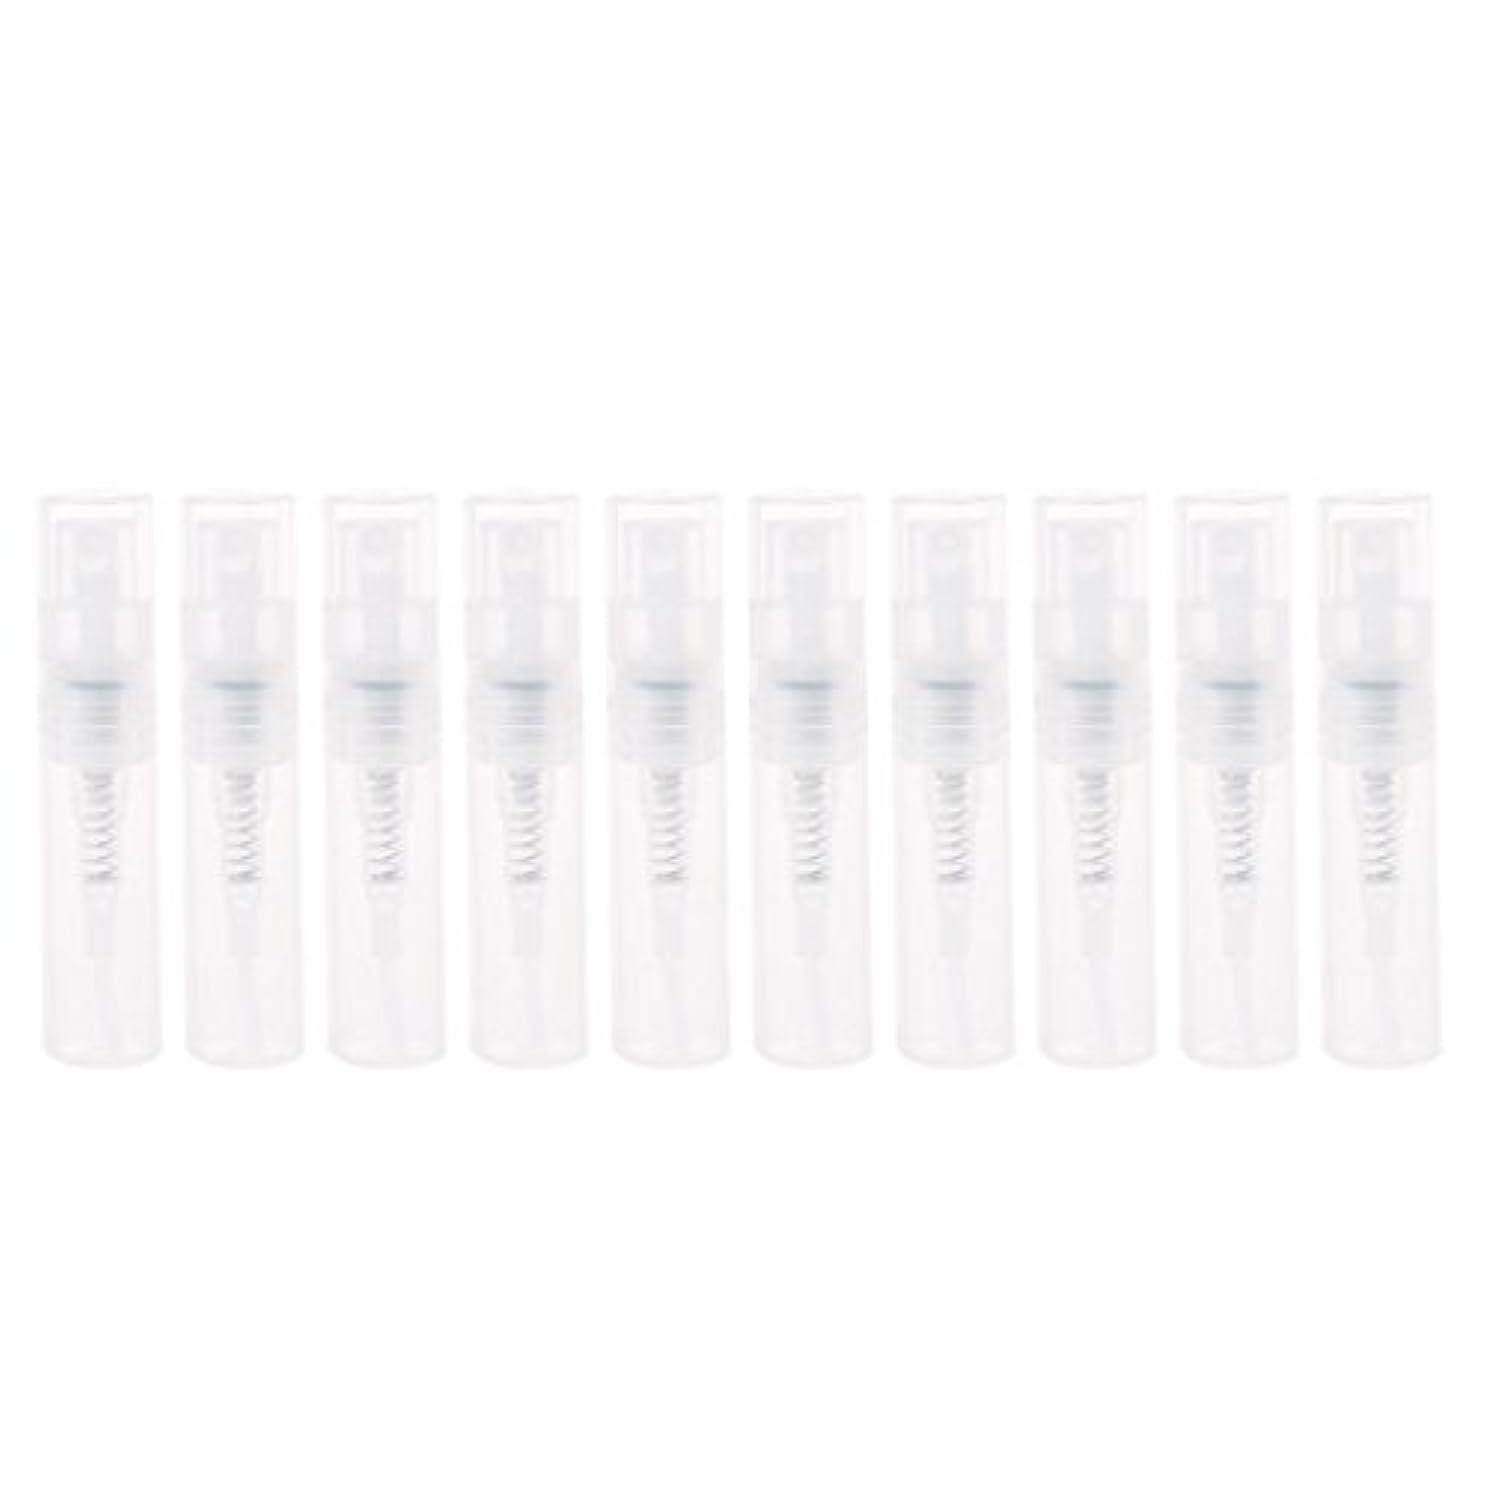 不明瞭誘導必要としているDabixx 2ml小さいプラスチック香水スプレーの空のびんの化粧品の容器のスプレーボトル